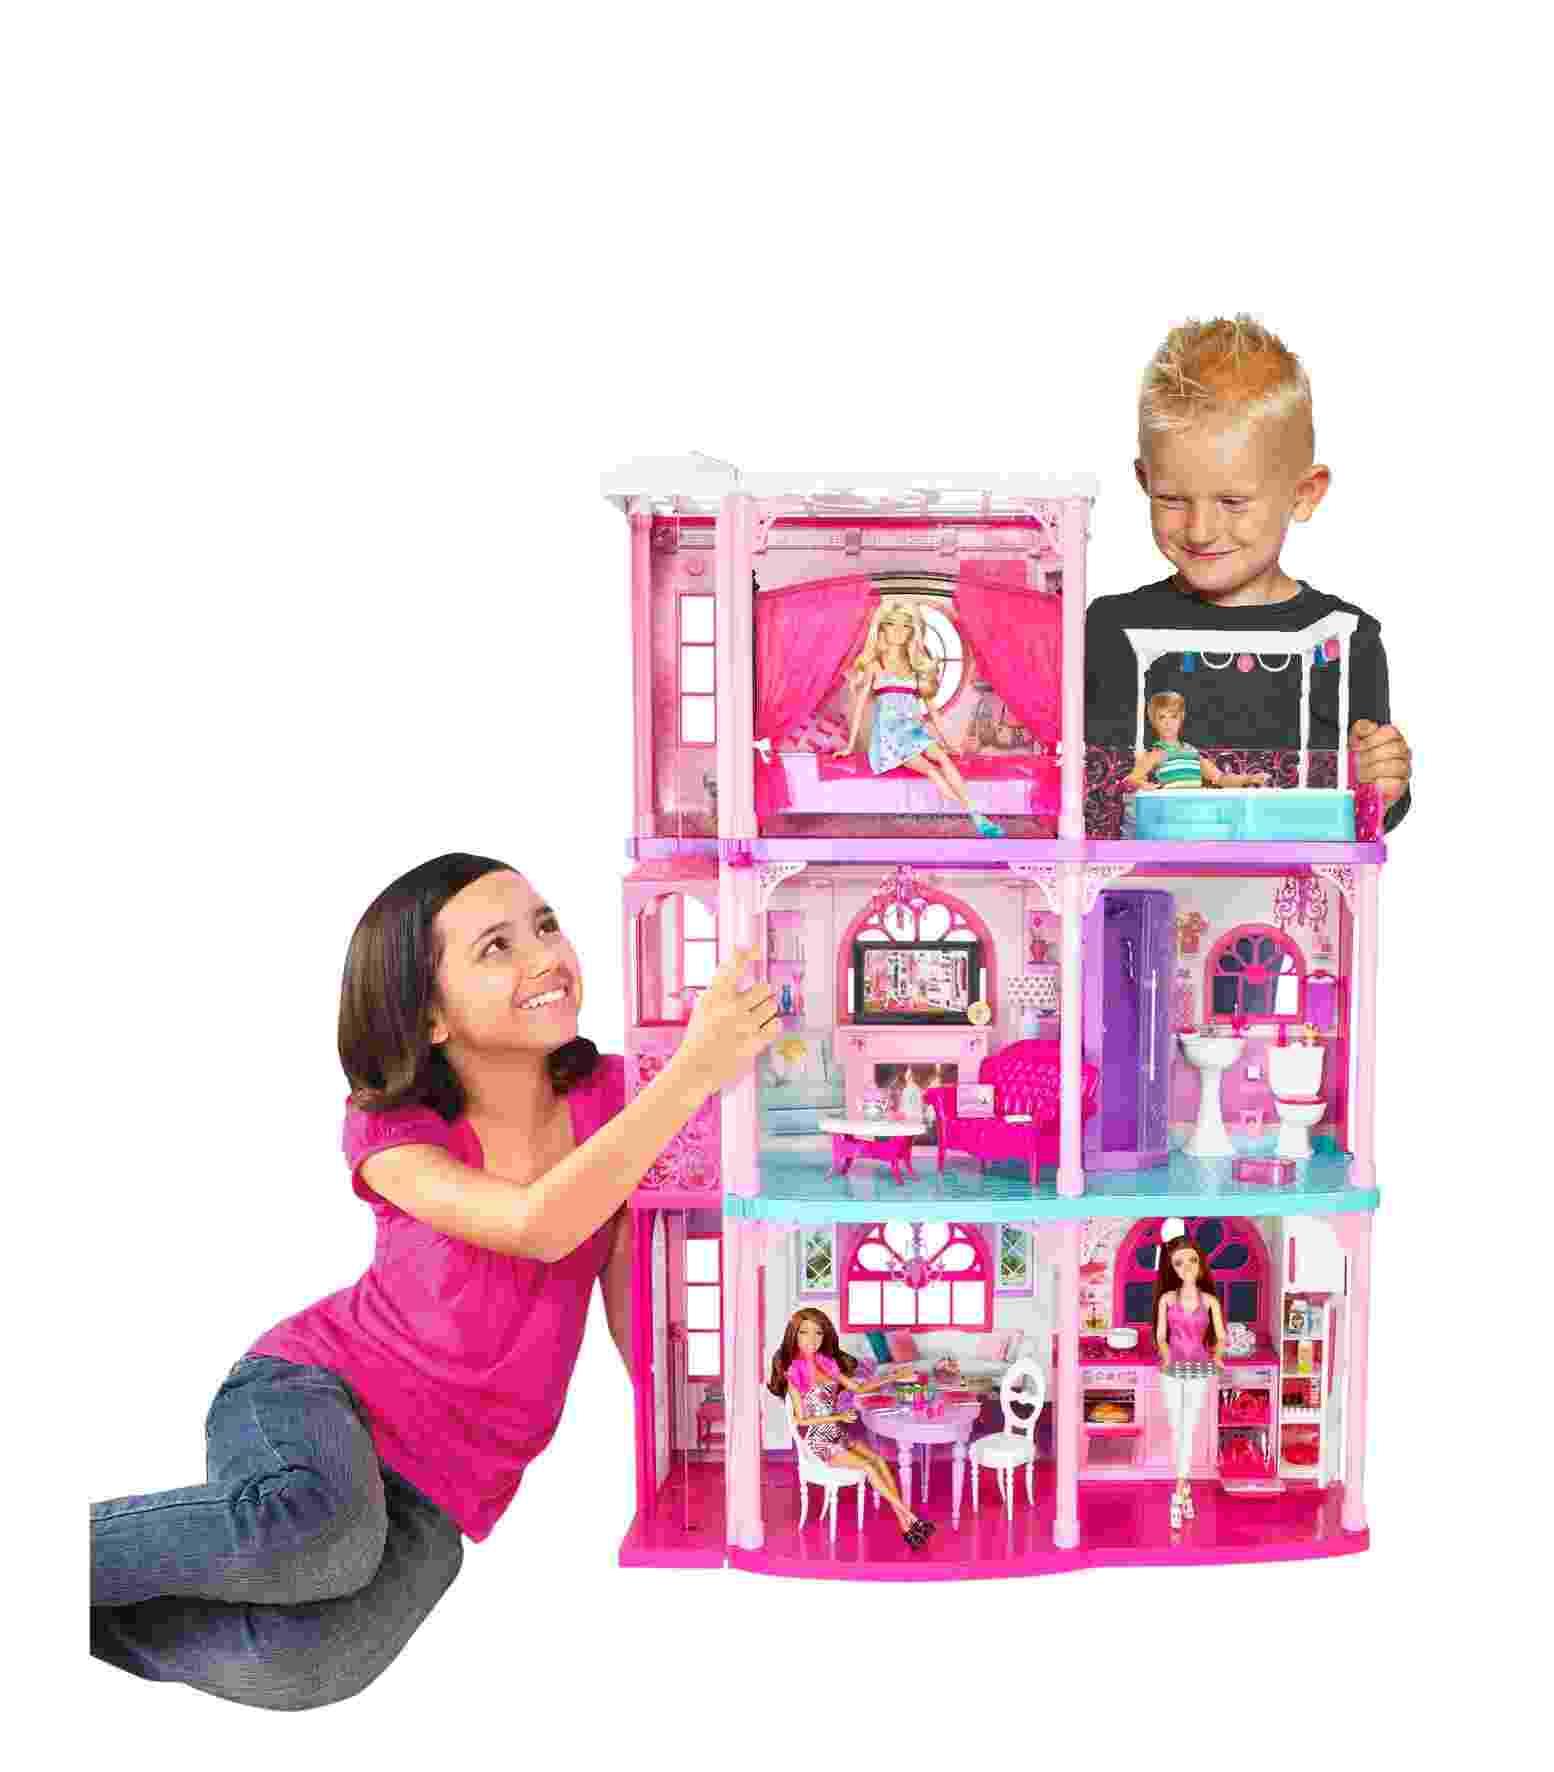 catálogo sem distinção de gênero da loja de brinquedos dinamarquesa Top-Toy - Divulgação